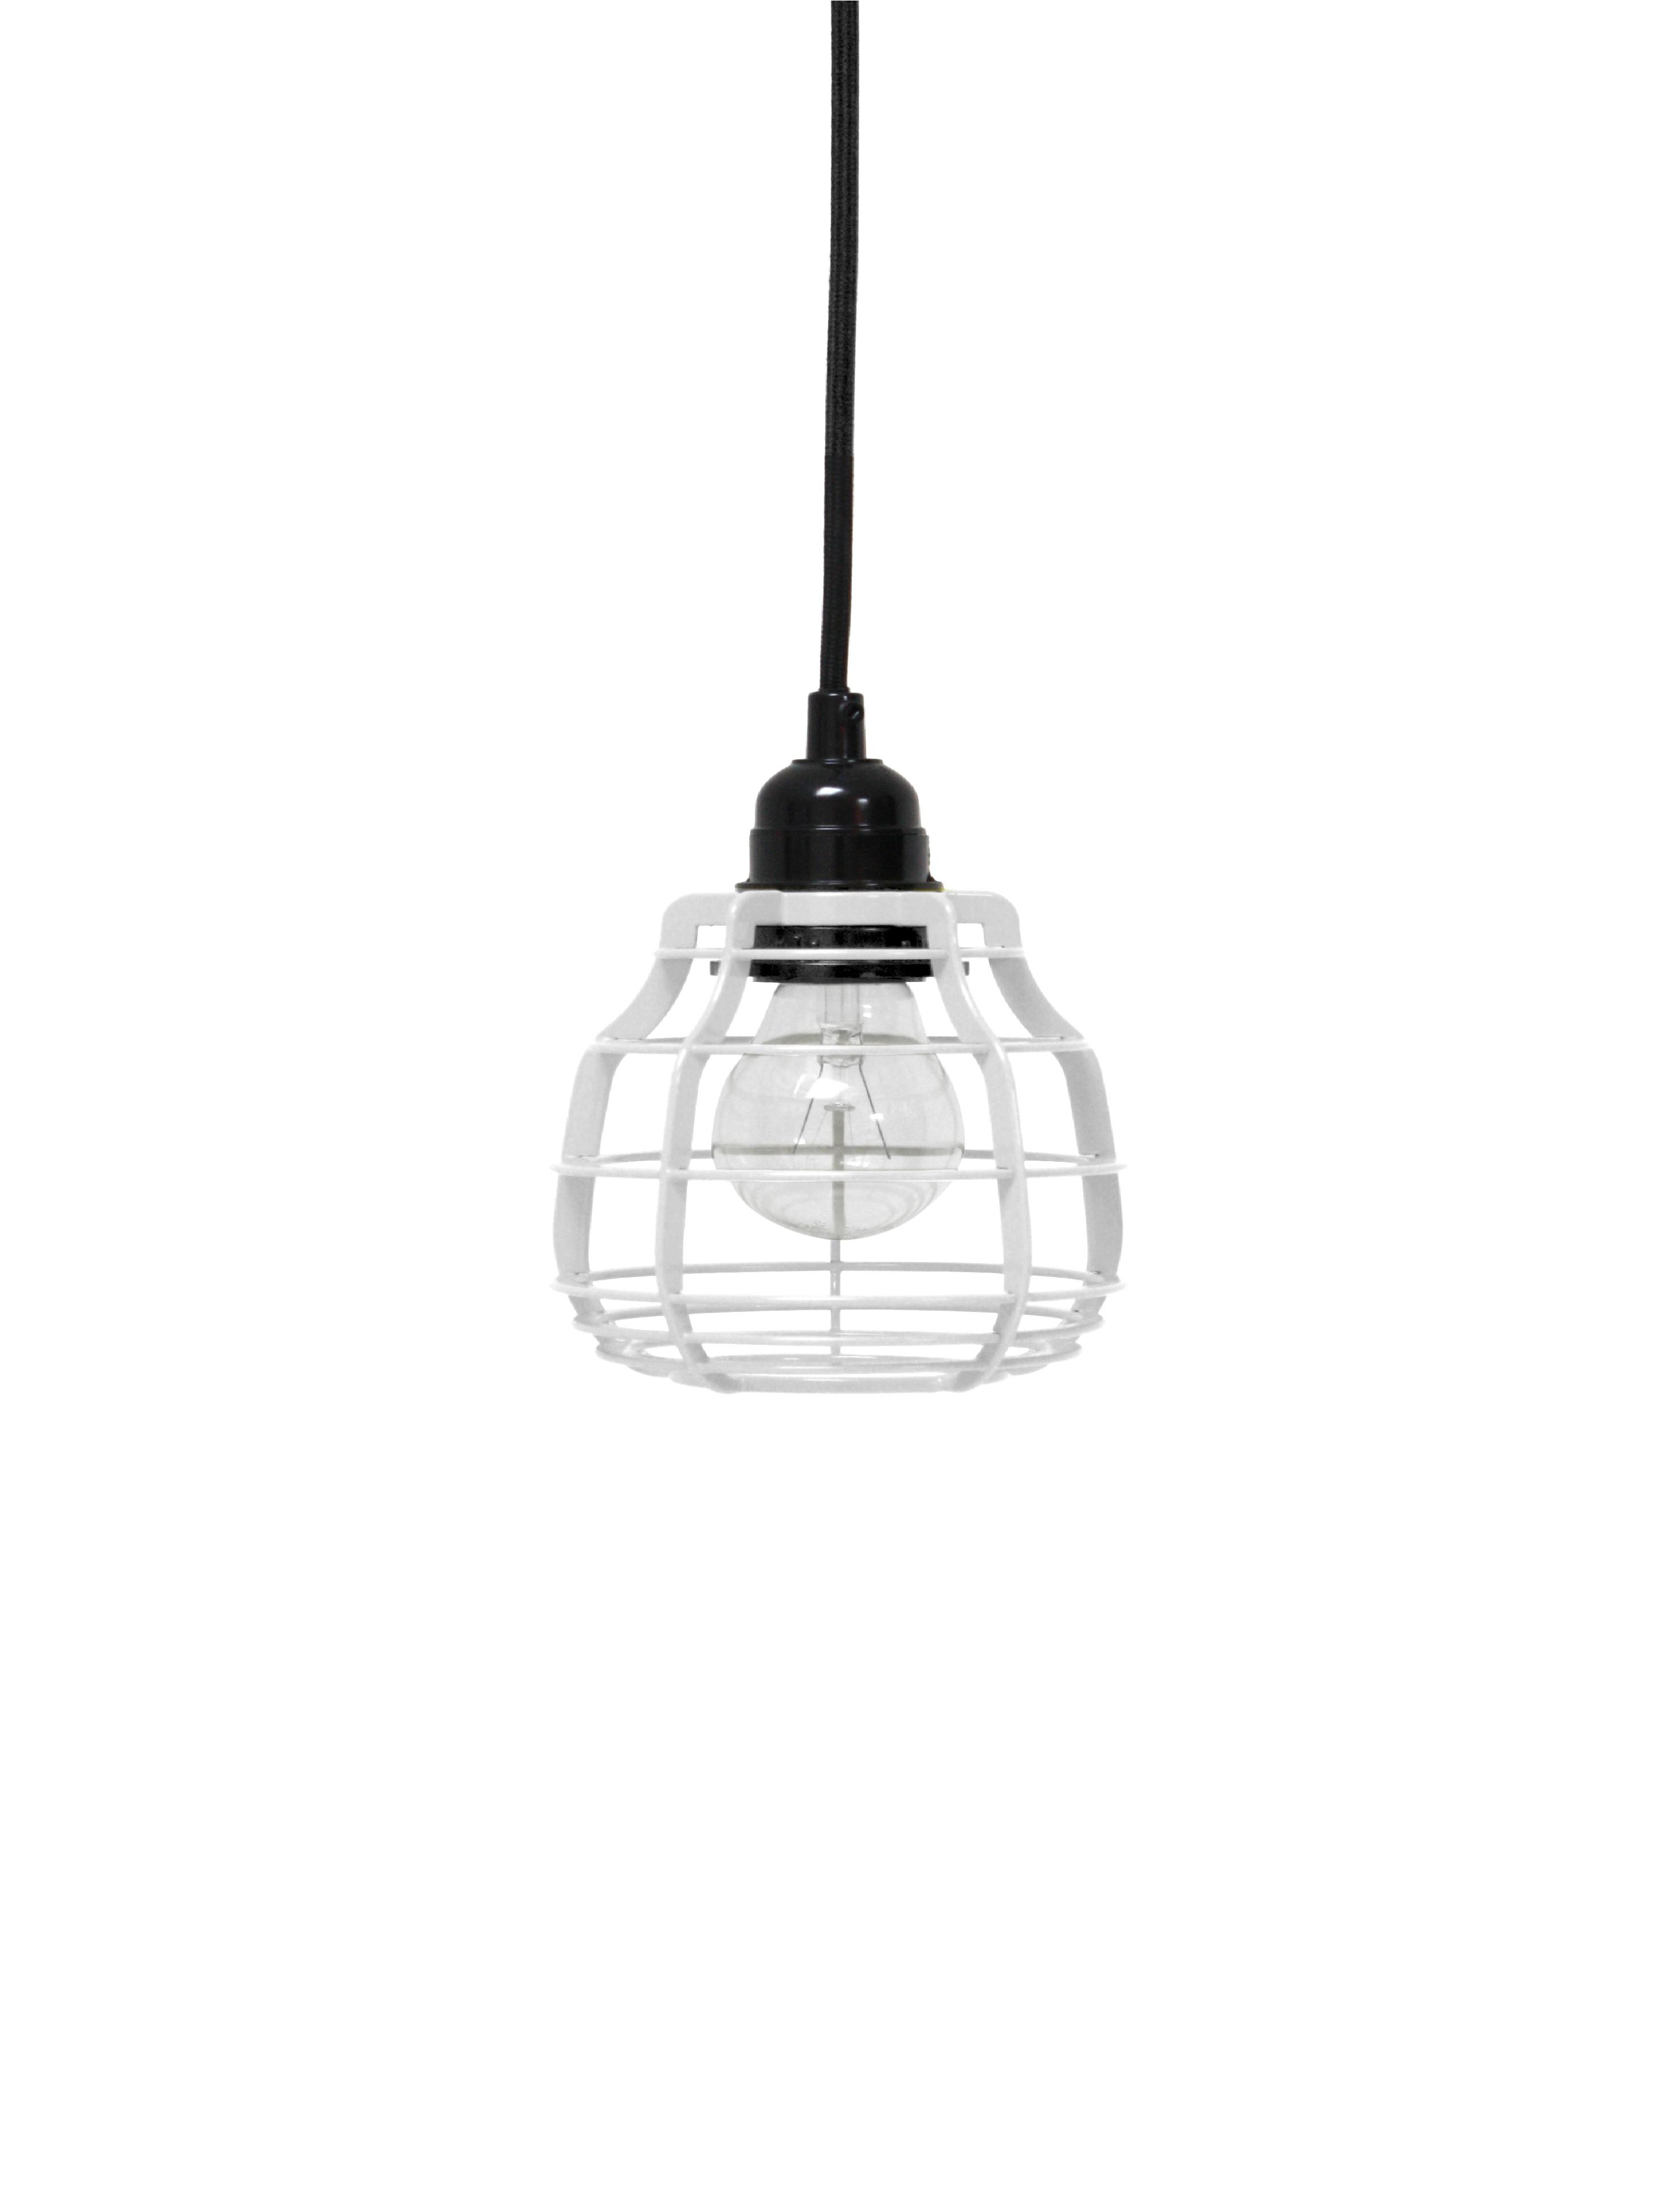 Светильник LABORATORYПодвесные светильники<br>Стильный металлический светильник может быть подвешен к потолку или послужить настенным бра.&amp;lt;div&amp;gt;&amp;lt;br&amp;gt;&amp;lt;/div&amp;gt;&amp;lt;div&amp;gt;Вид цоколя: Е27&amp;lt;/div&amp;gt;&amp;lt;div&amp;gt;Мощность: 60W&amp;lt;/div&amp;gt;&amp;lt;div&amp;gt;Количество ламп: 1&amp;lt;/div&amp;gt;<br><br>Material: Металл<br>Width см: 13<br>Depth см: 13<br>Height см: 17